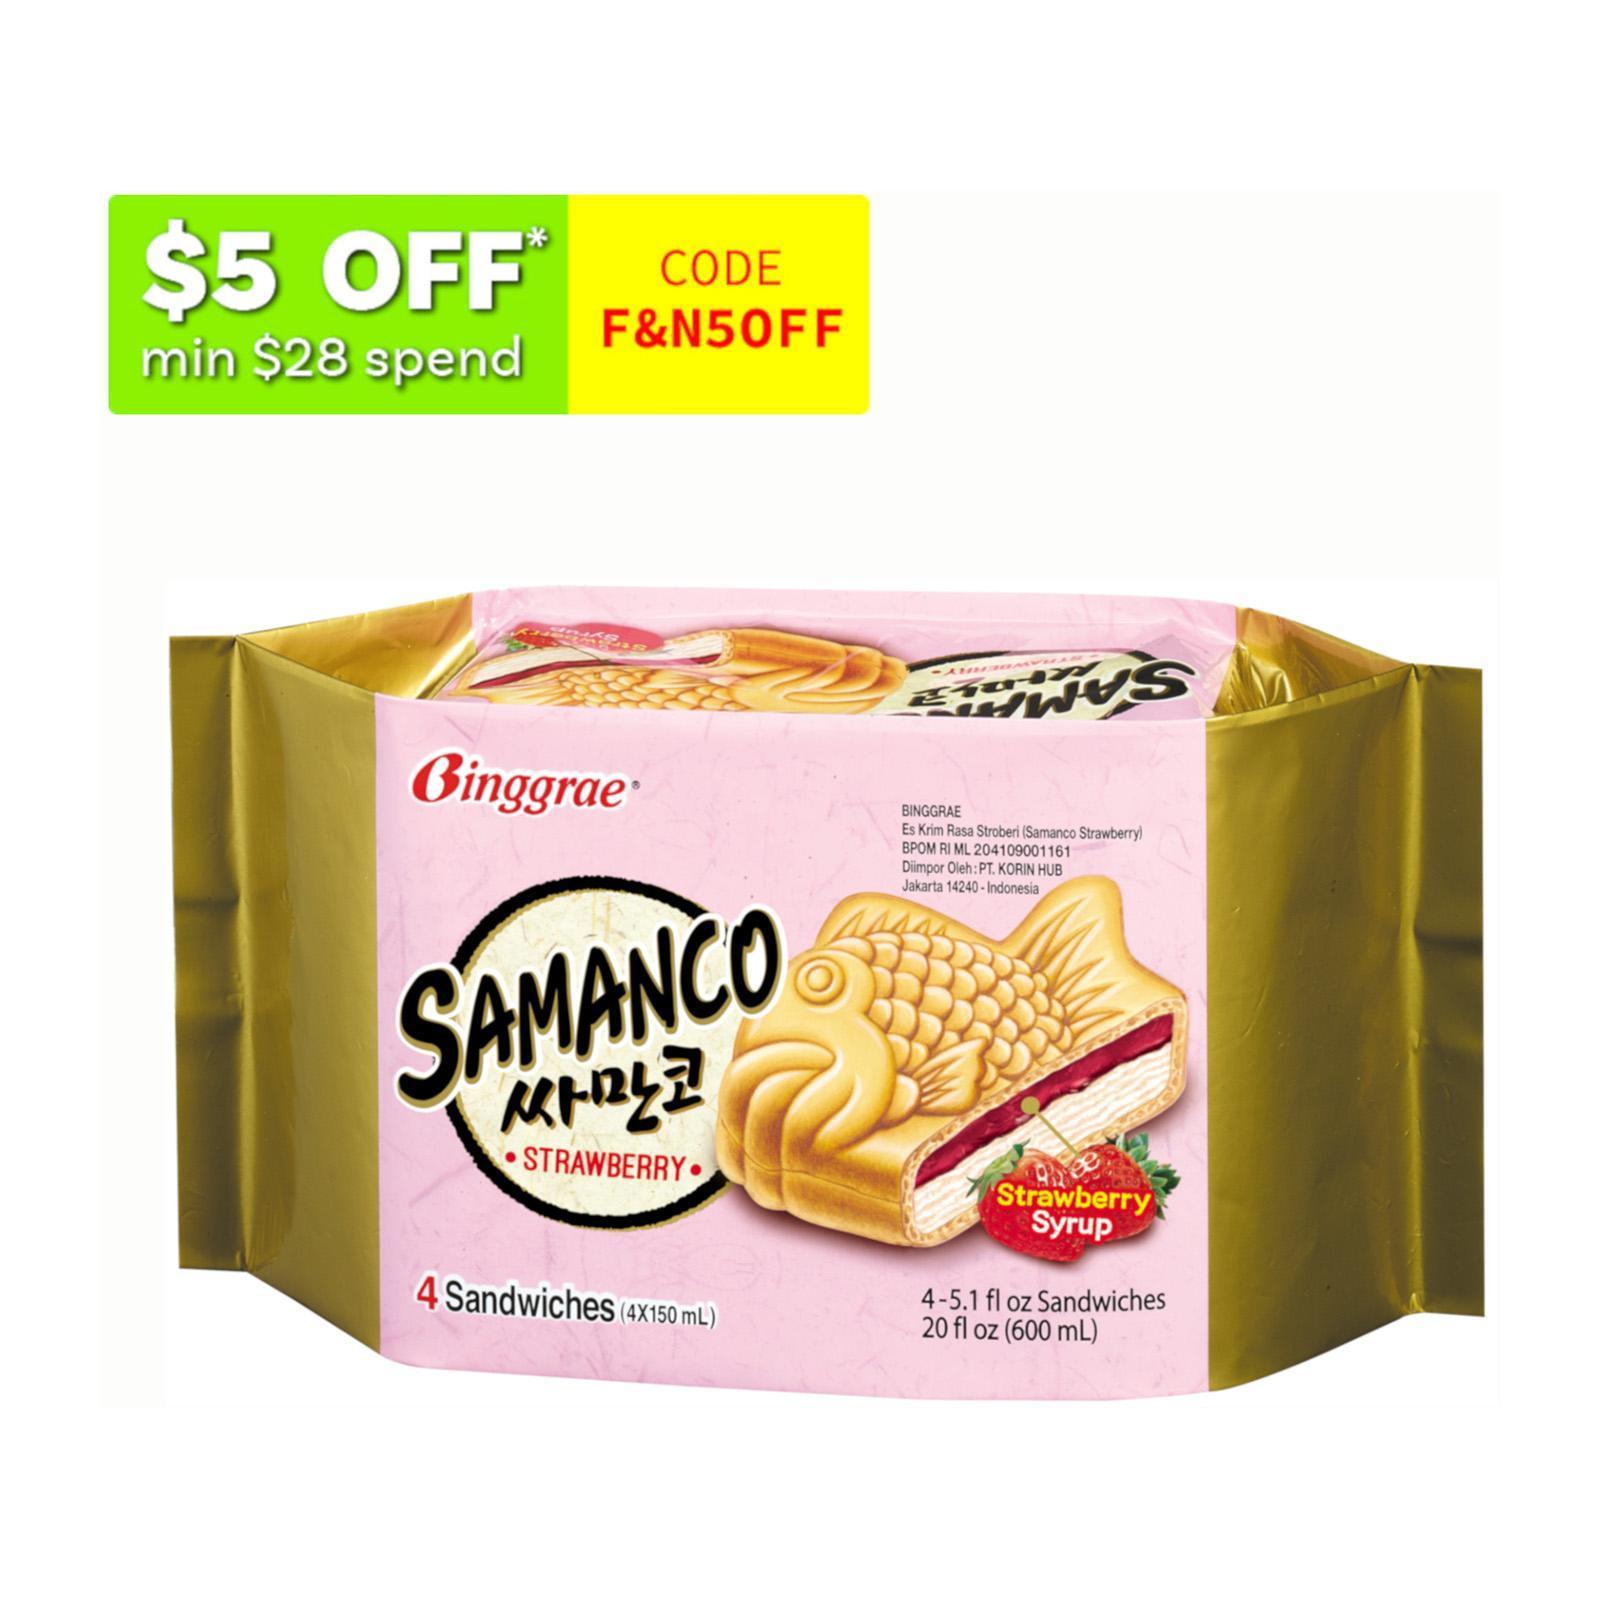 Binggrae Samanco Strawberry Ice Cream